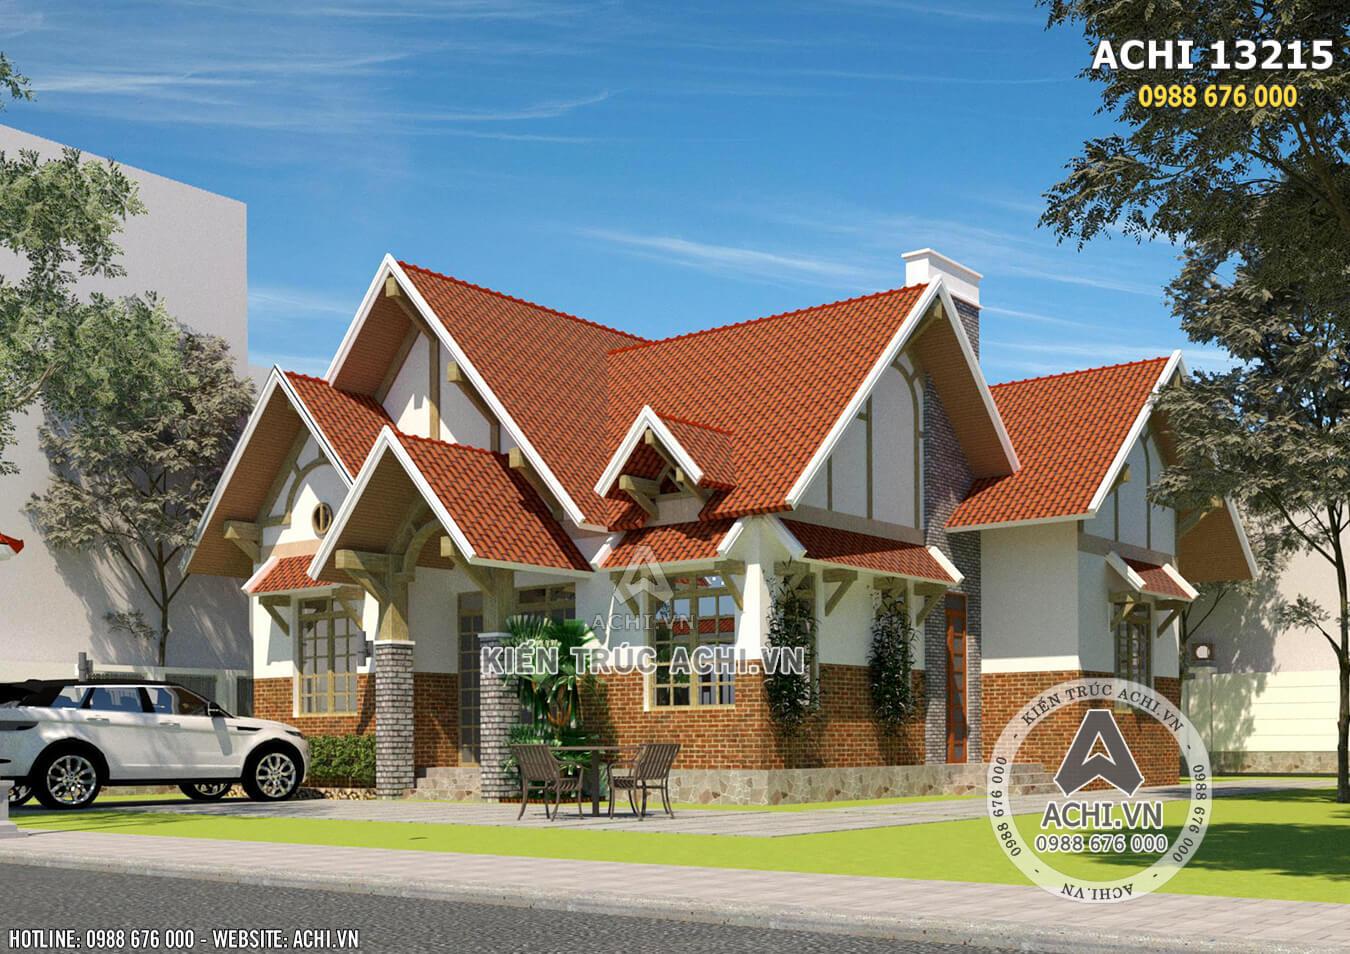 Mẫu thiết kế nhà cấp 4 đẹp 1 tầng tại Đà Lạt - ACHI 13215